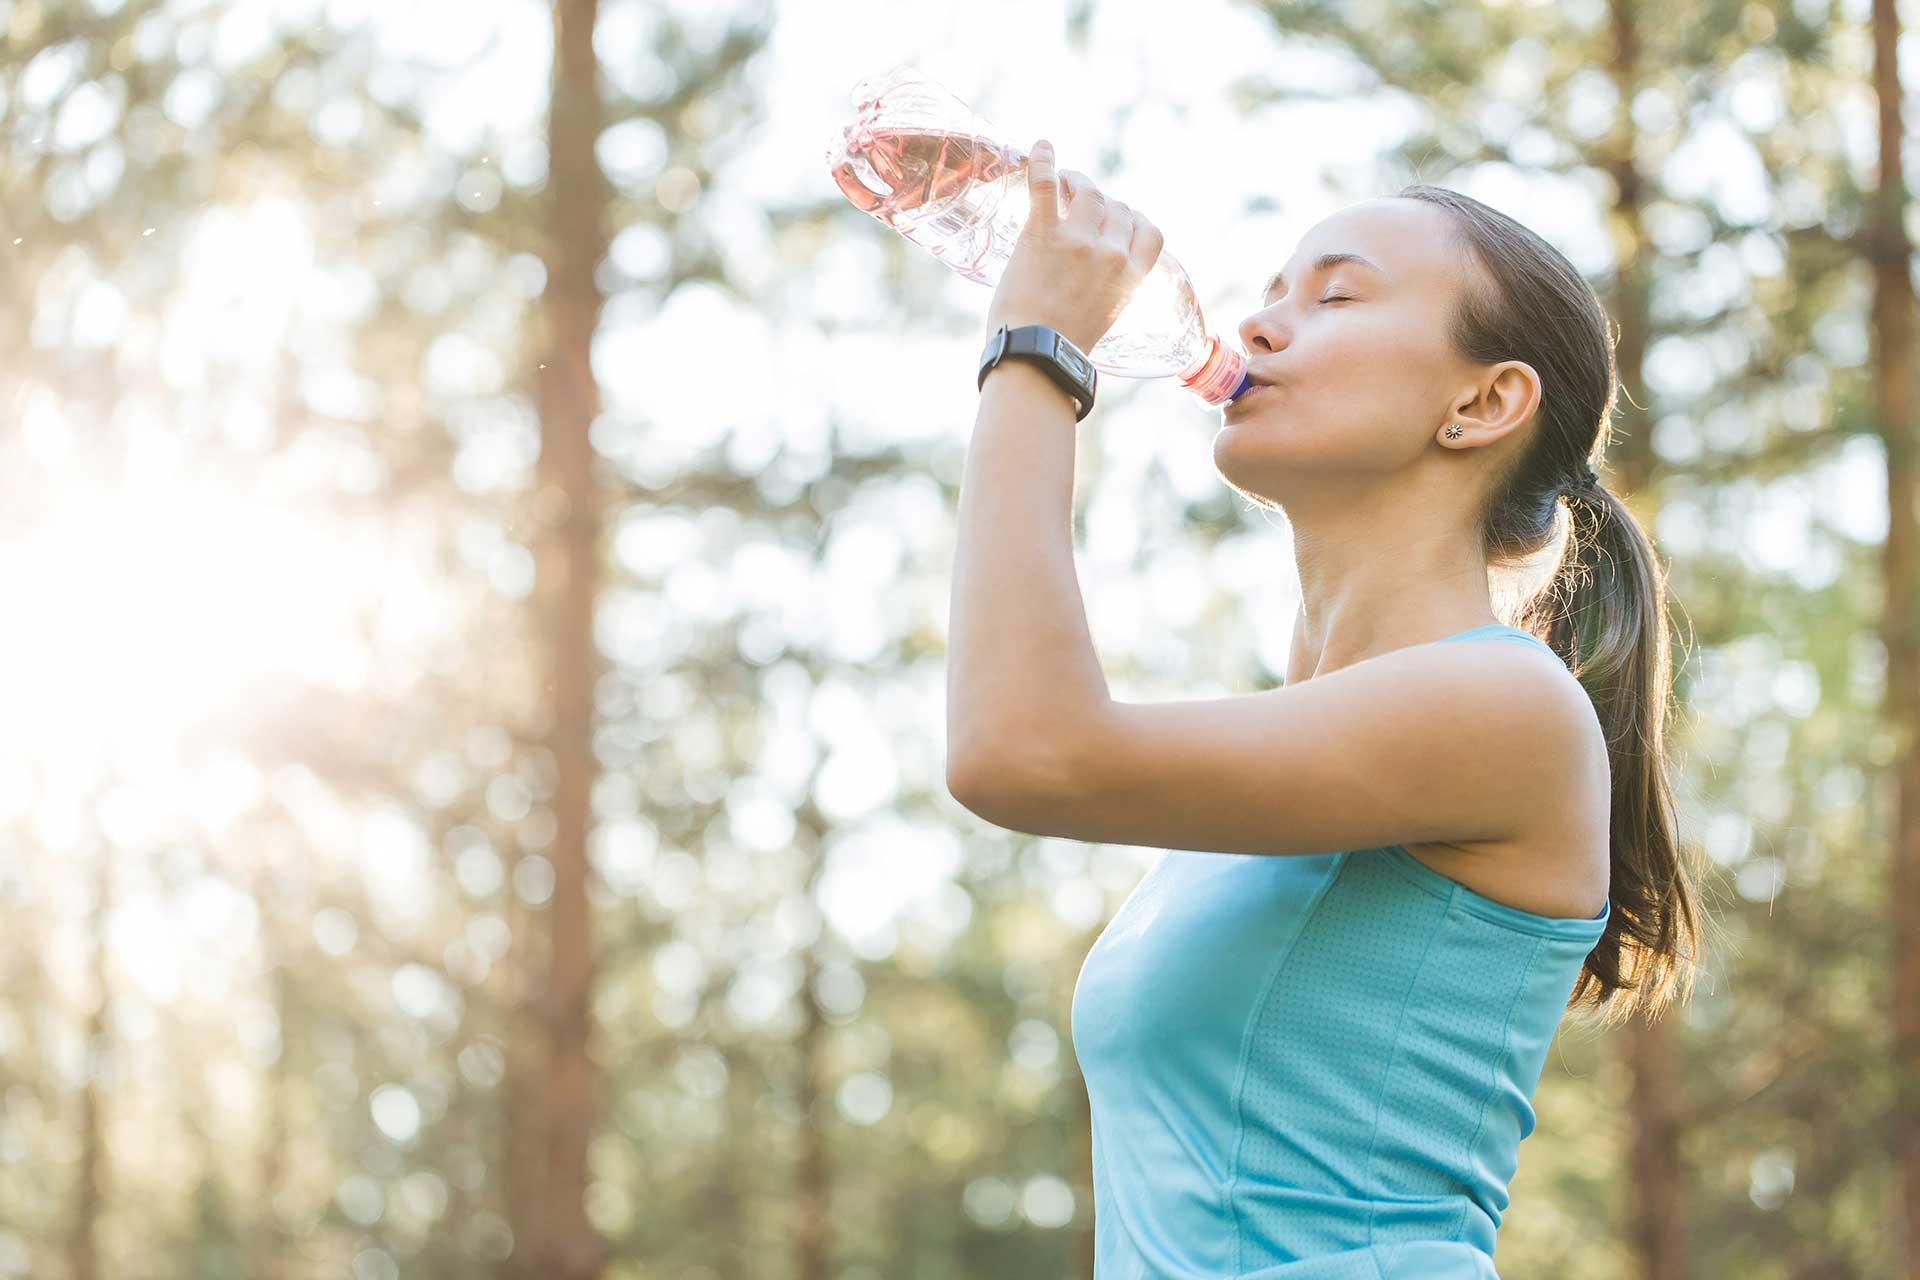 Gesundheitsgefahren durch Wassermangel